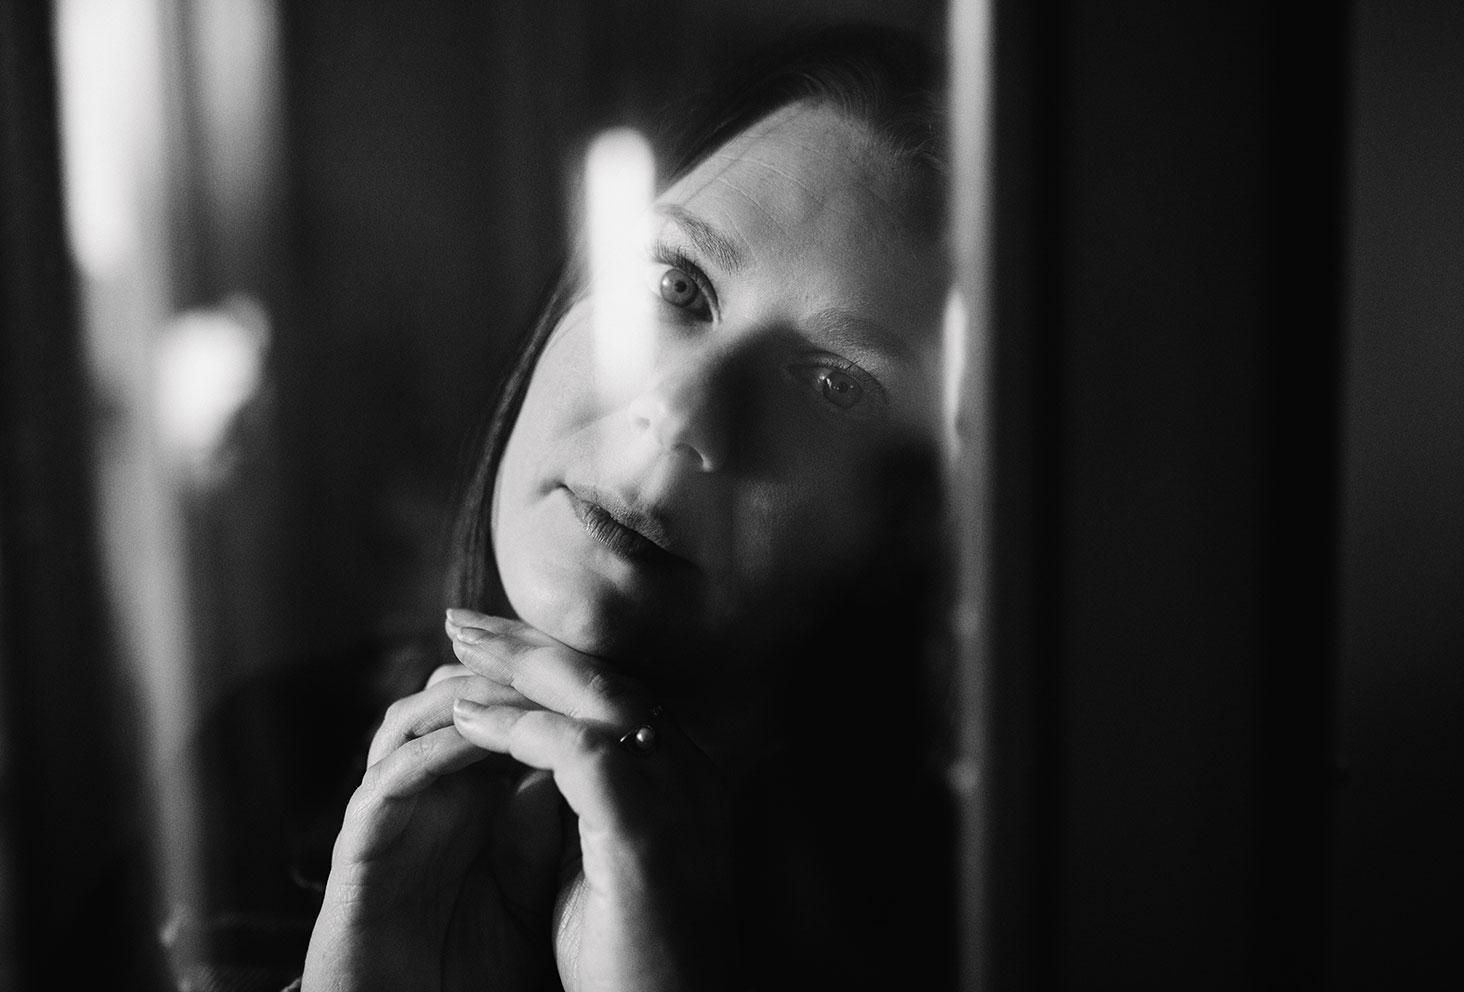 Photo nostalgique en noir et blanc derrière le carreaux d'une fenêtre